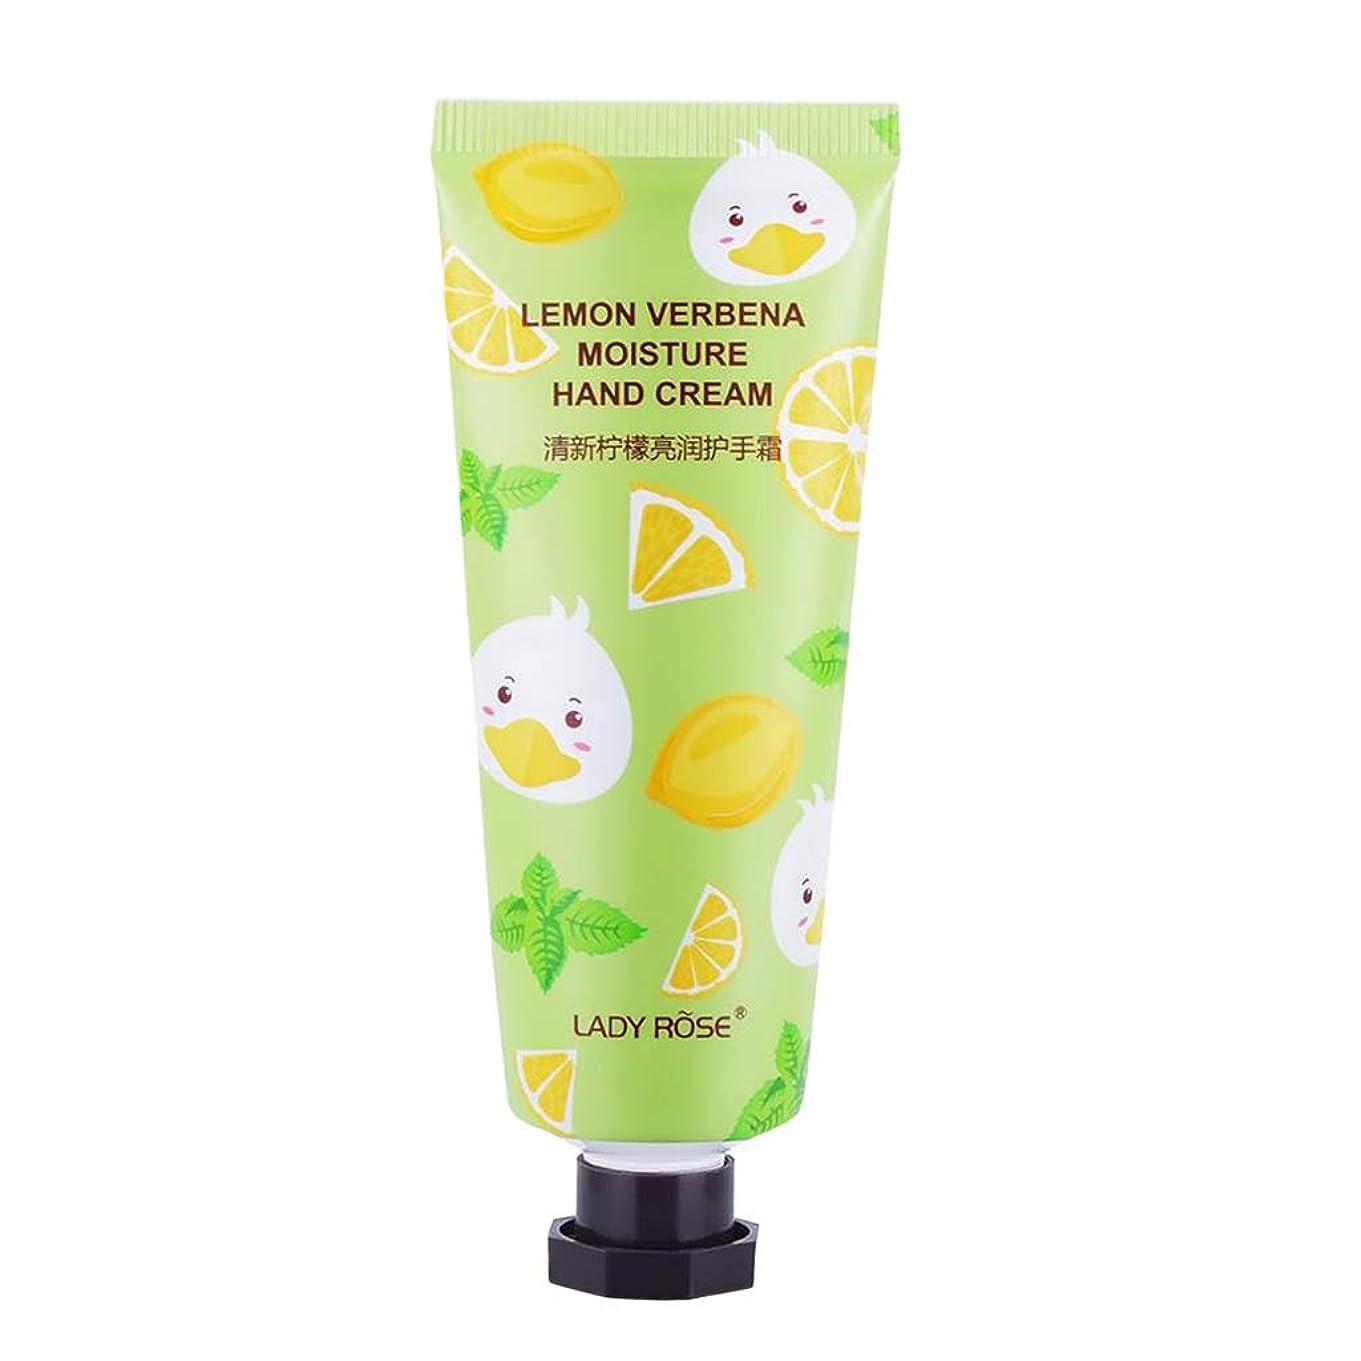 専門知識厚さコンパイルF Fityle ハンドクリーム 乾燥対策 潤い スキンケア 可愛い 香り 保湿クリーム ローション 3タイプ選べ - レモン